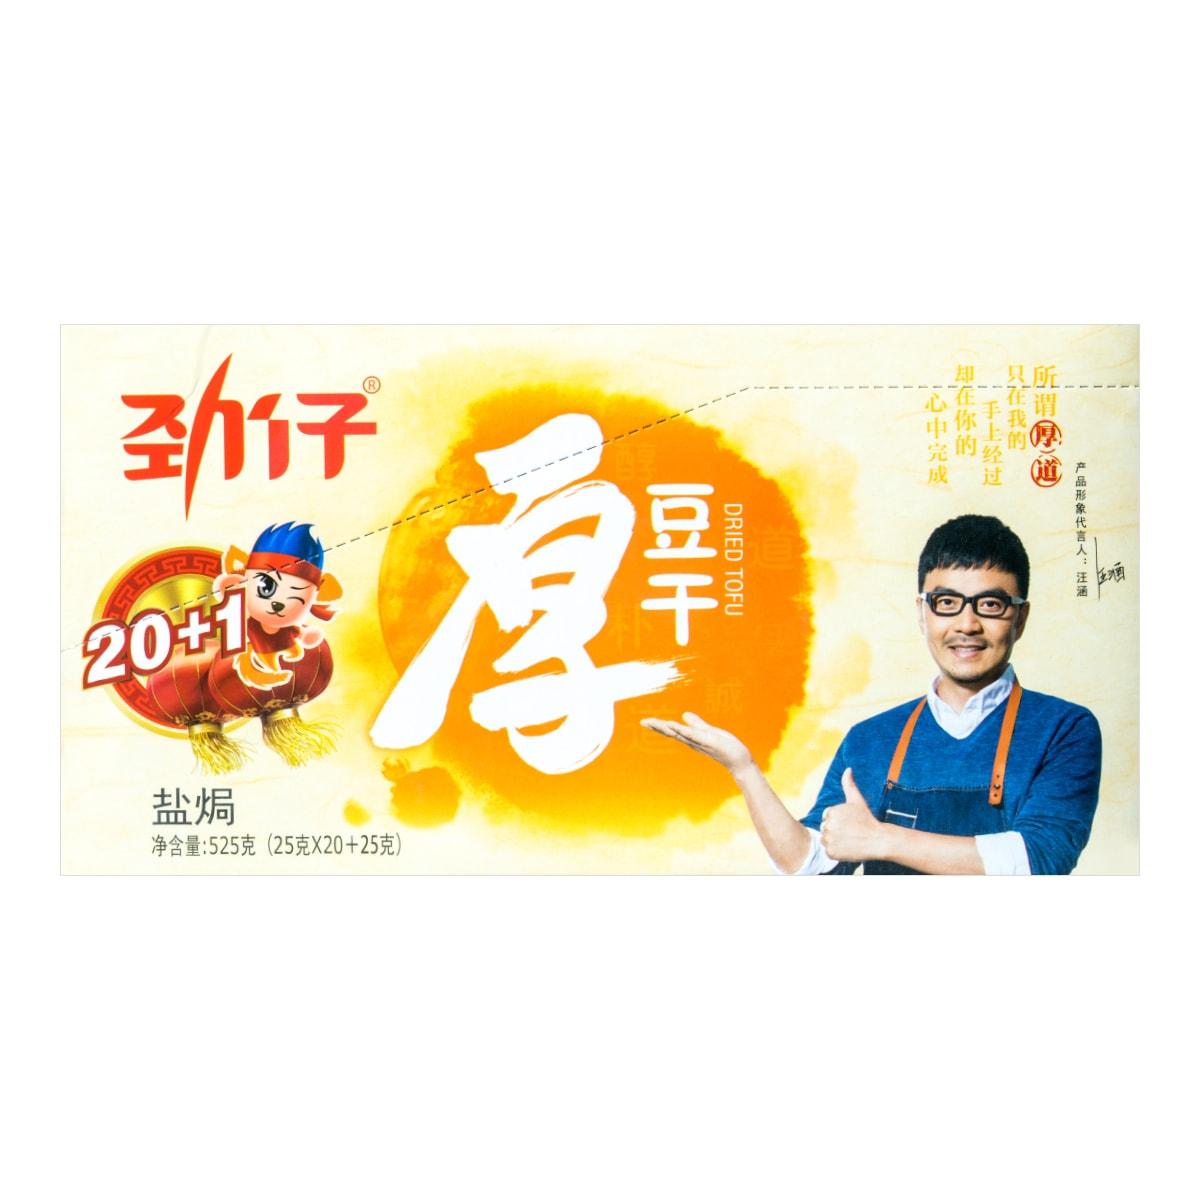 华文食品 劲仔厚豆干 盐焗味 21包入 525g 湖南特产 汪涵代言